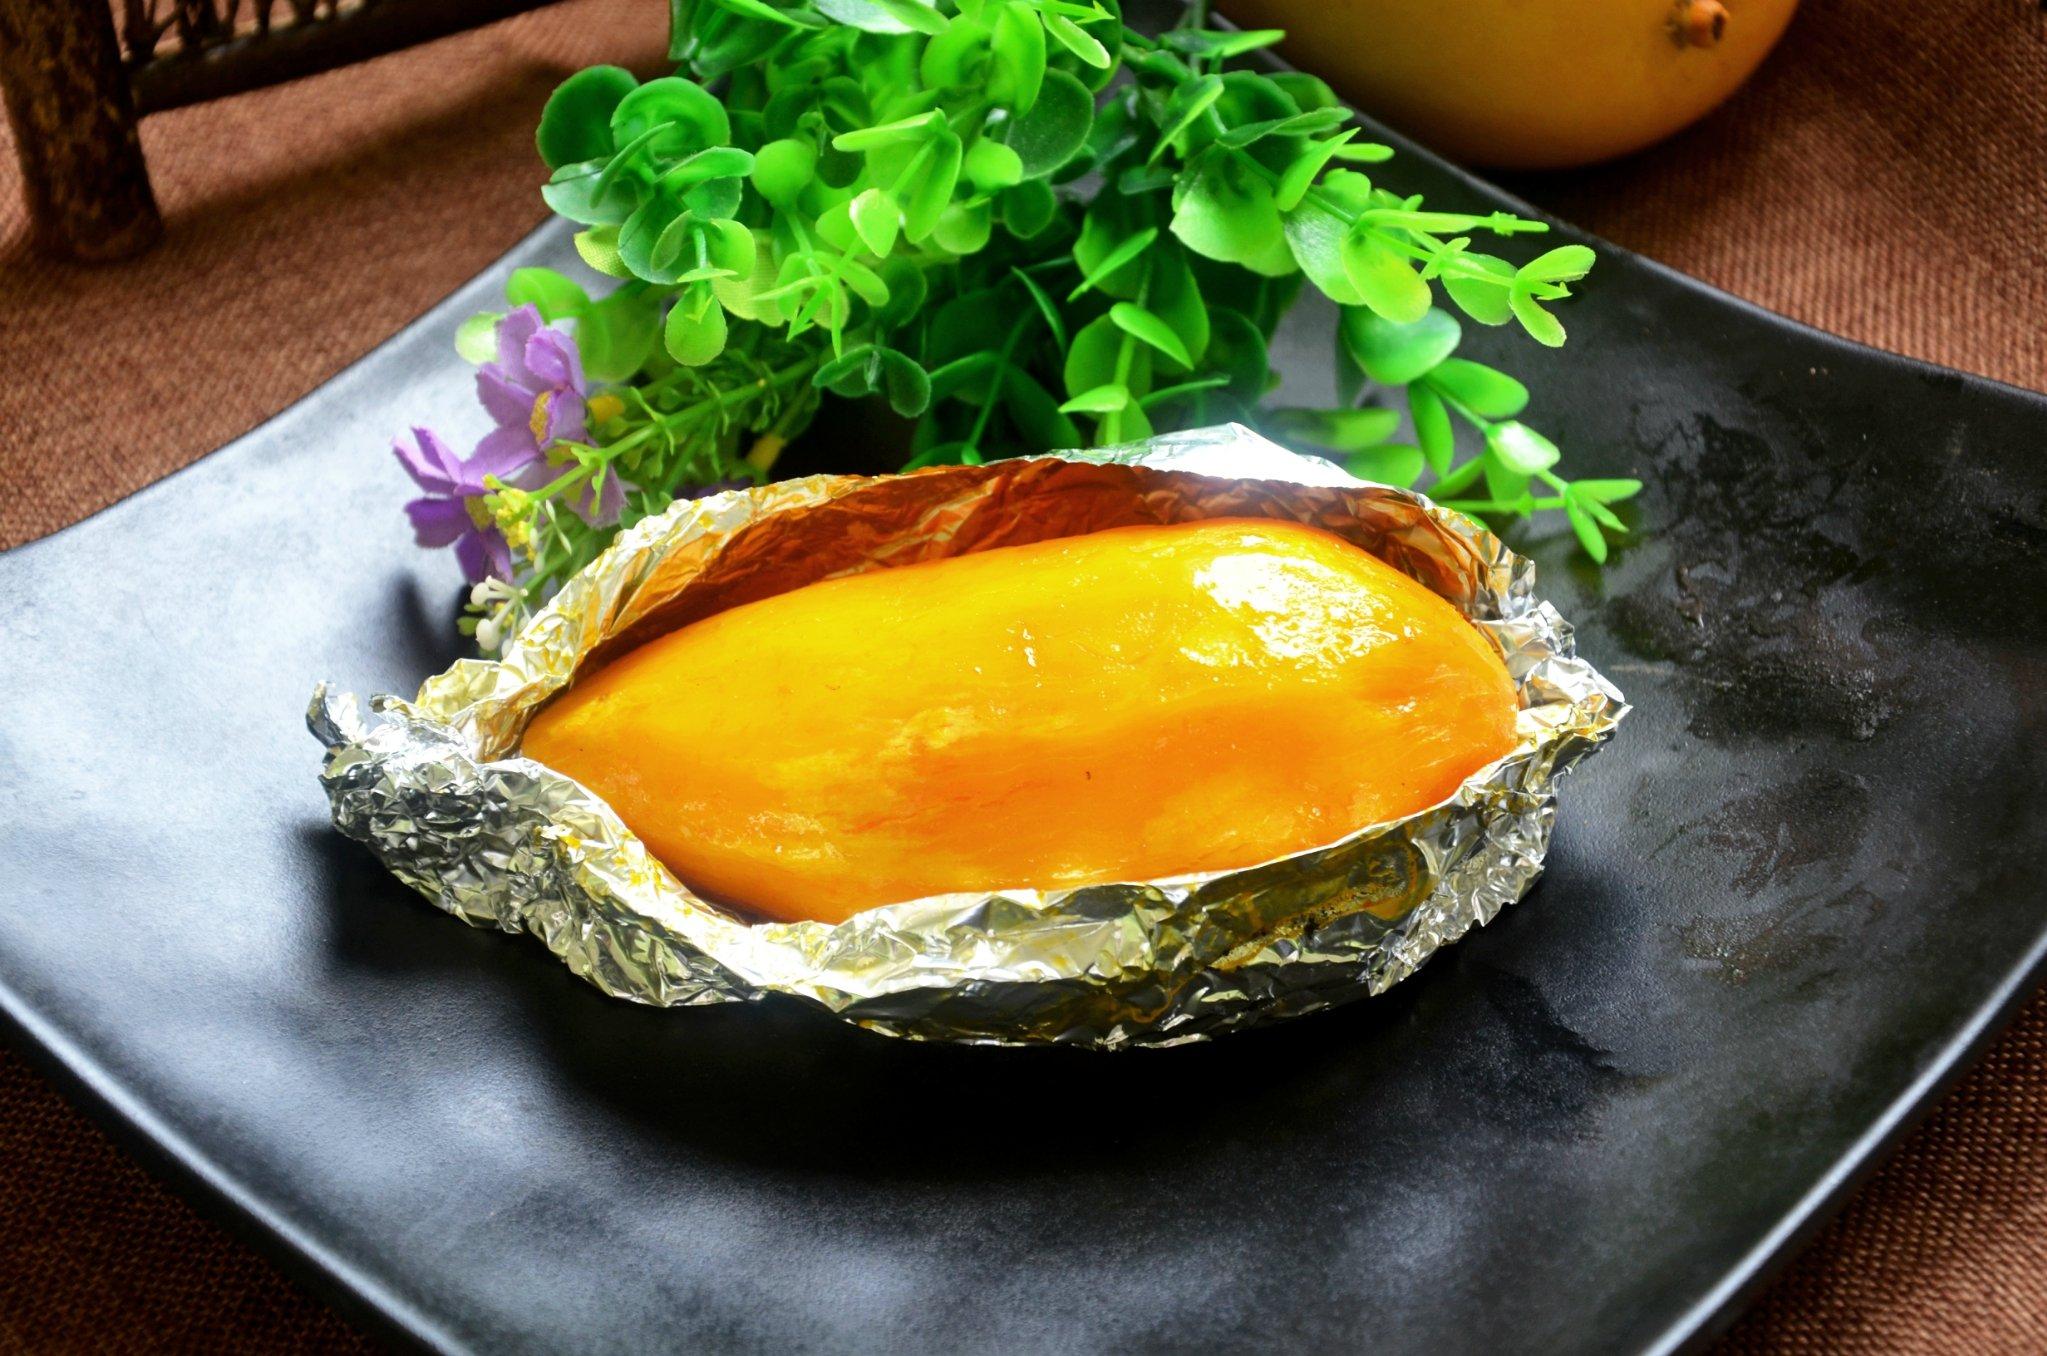 烤红薯的诱惑—蜜薯烤出来怎么这么好吃?